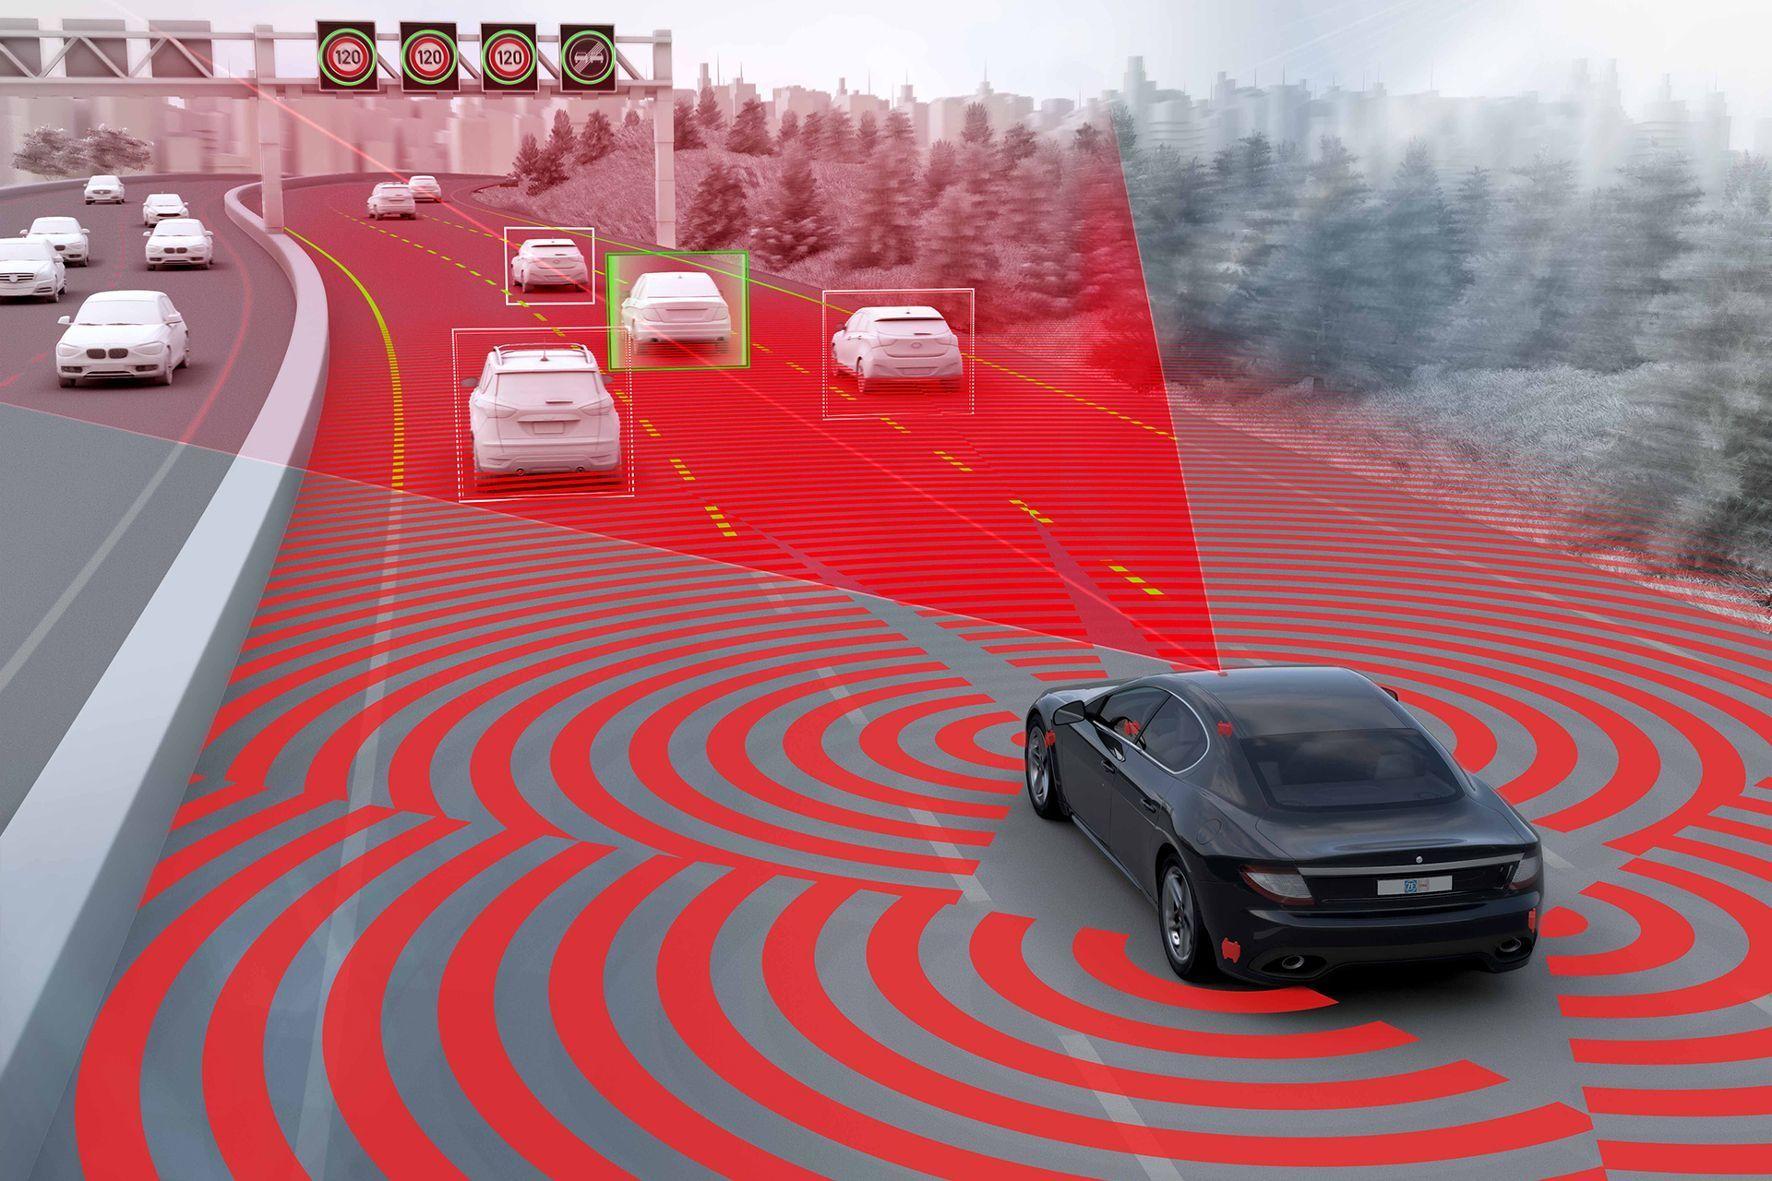 mid Friedrichshafen - Zulieferer machen Autos fit für die Zukunft: Zu den wichtigsten Komponenten zählen Sensoren, Steuergeräte und Aktuatoren, die nicht nur für mehr Sicherheit sorgen, sondern auch die Basis für das automatisierte Fahren sind.